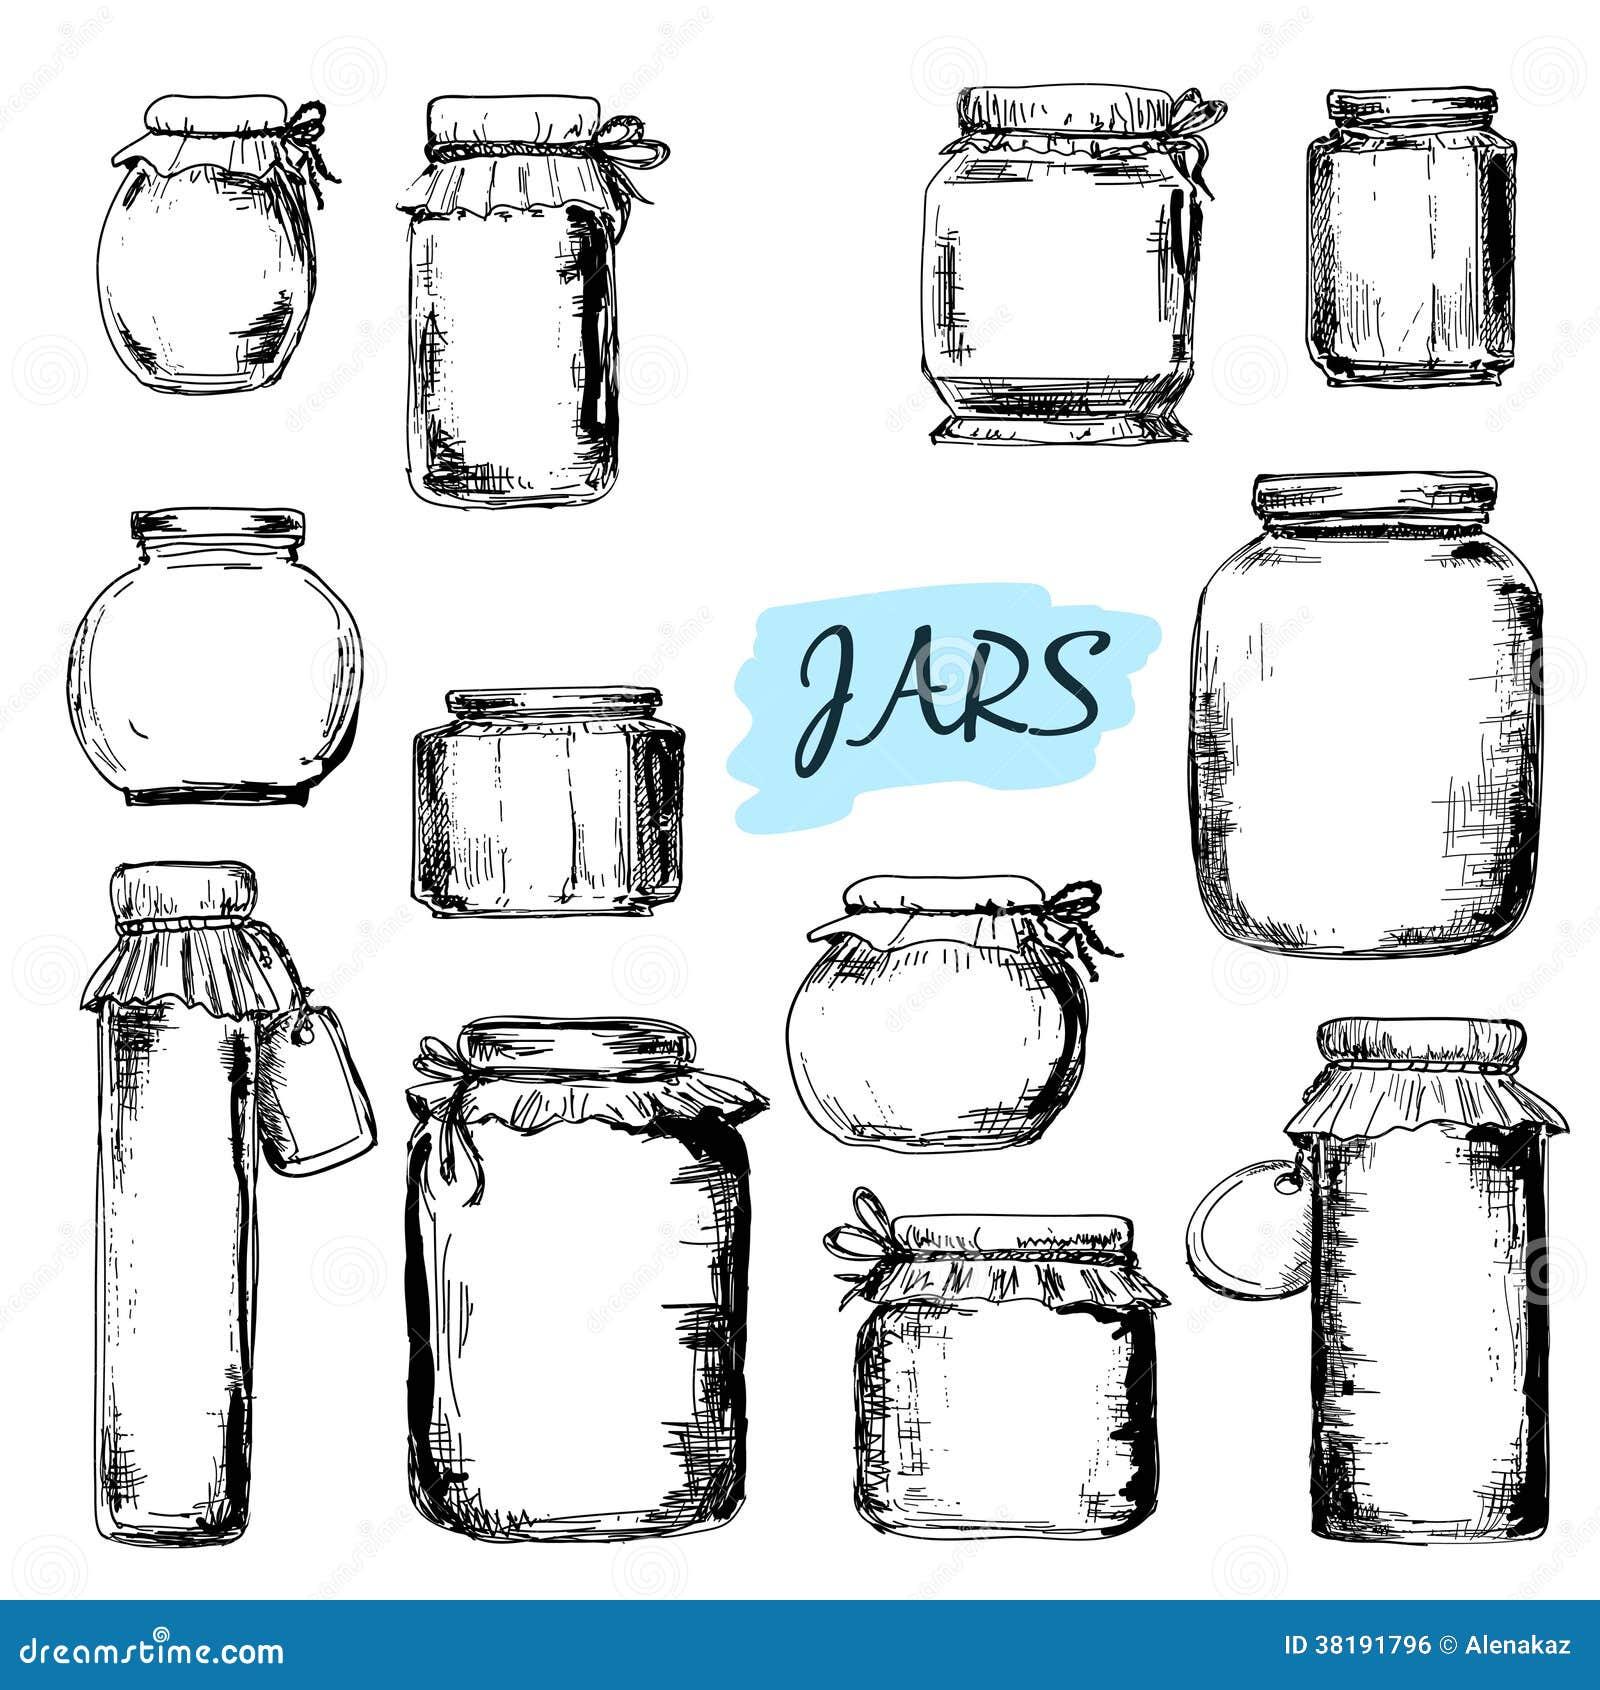 Jars. Set of illustrations